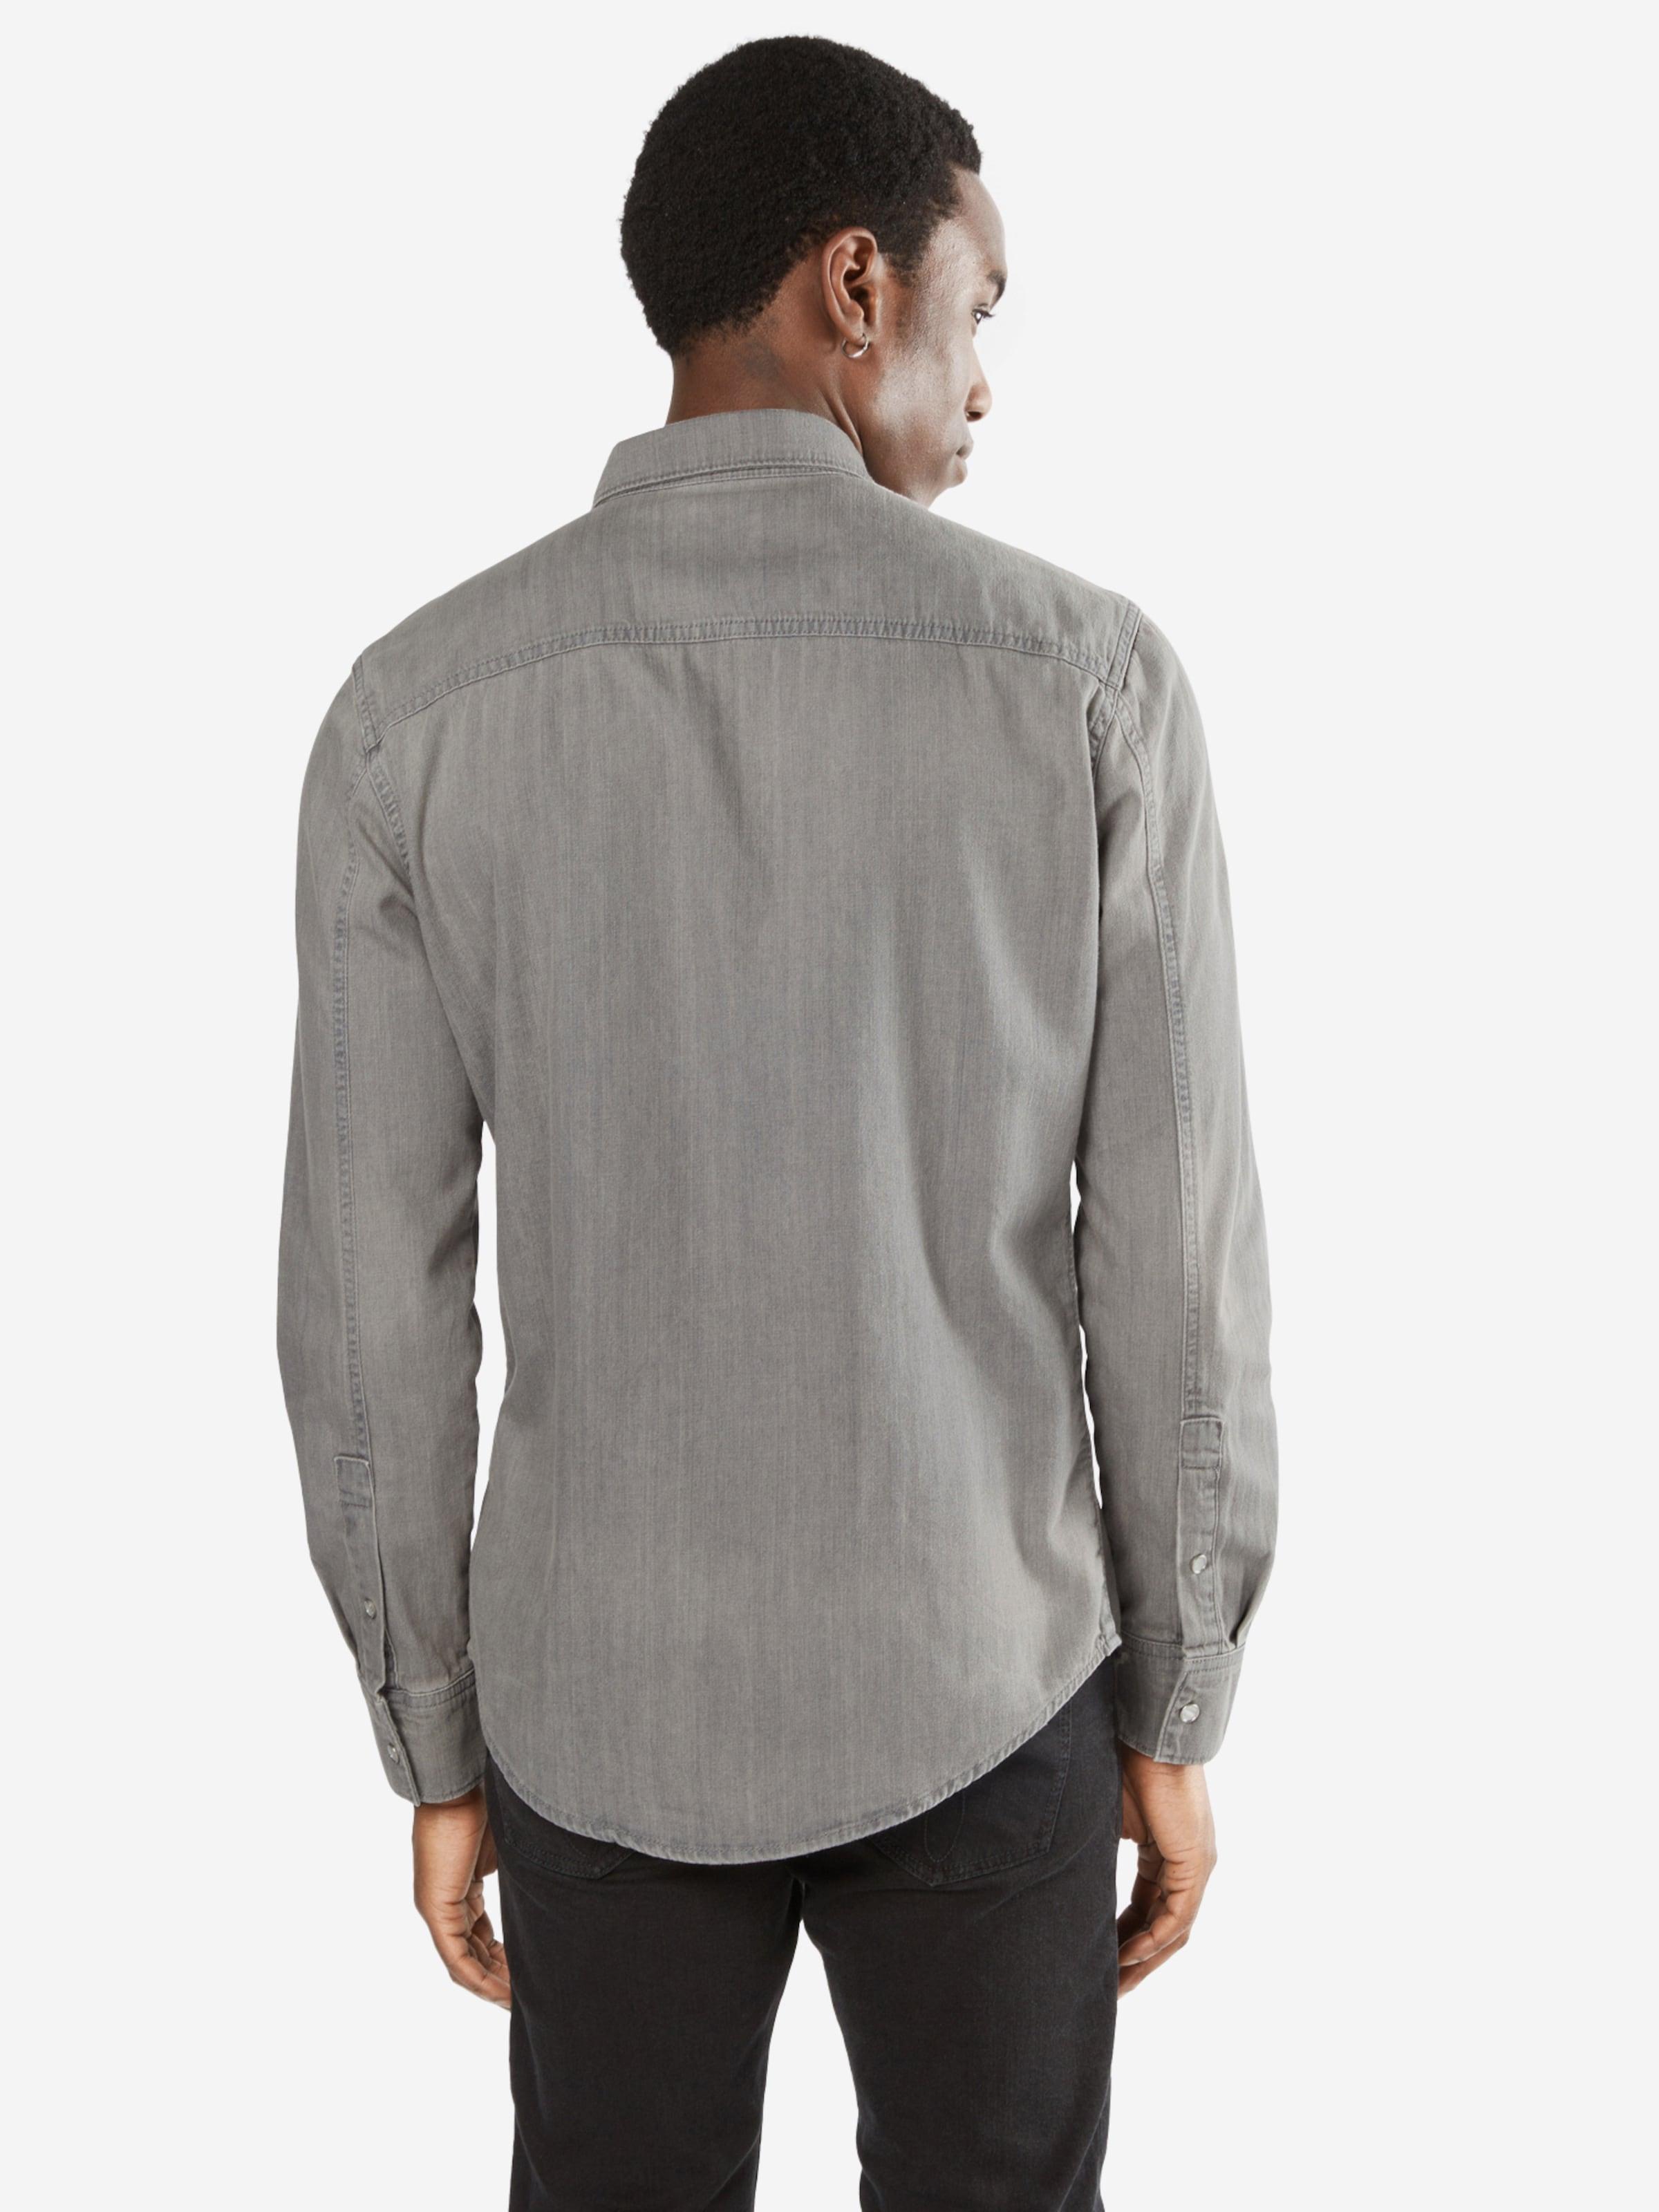 Freies Verschiffen Besuch Calvin Klein Jeans Hemd 'GREY ZONE' Spielraum Marktfähig Ska996